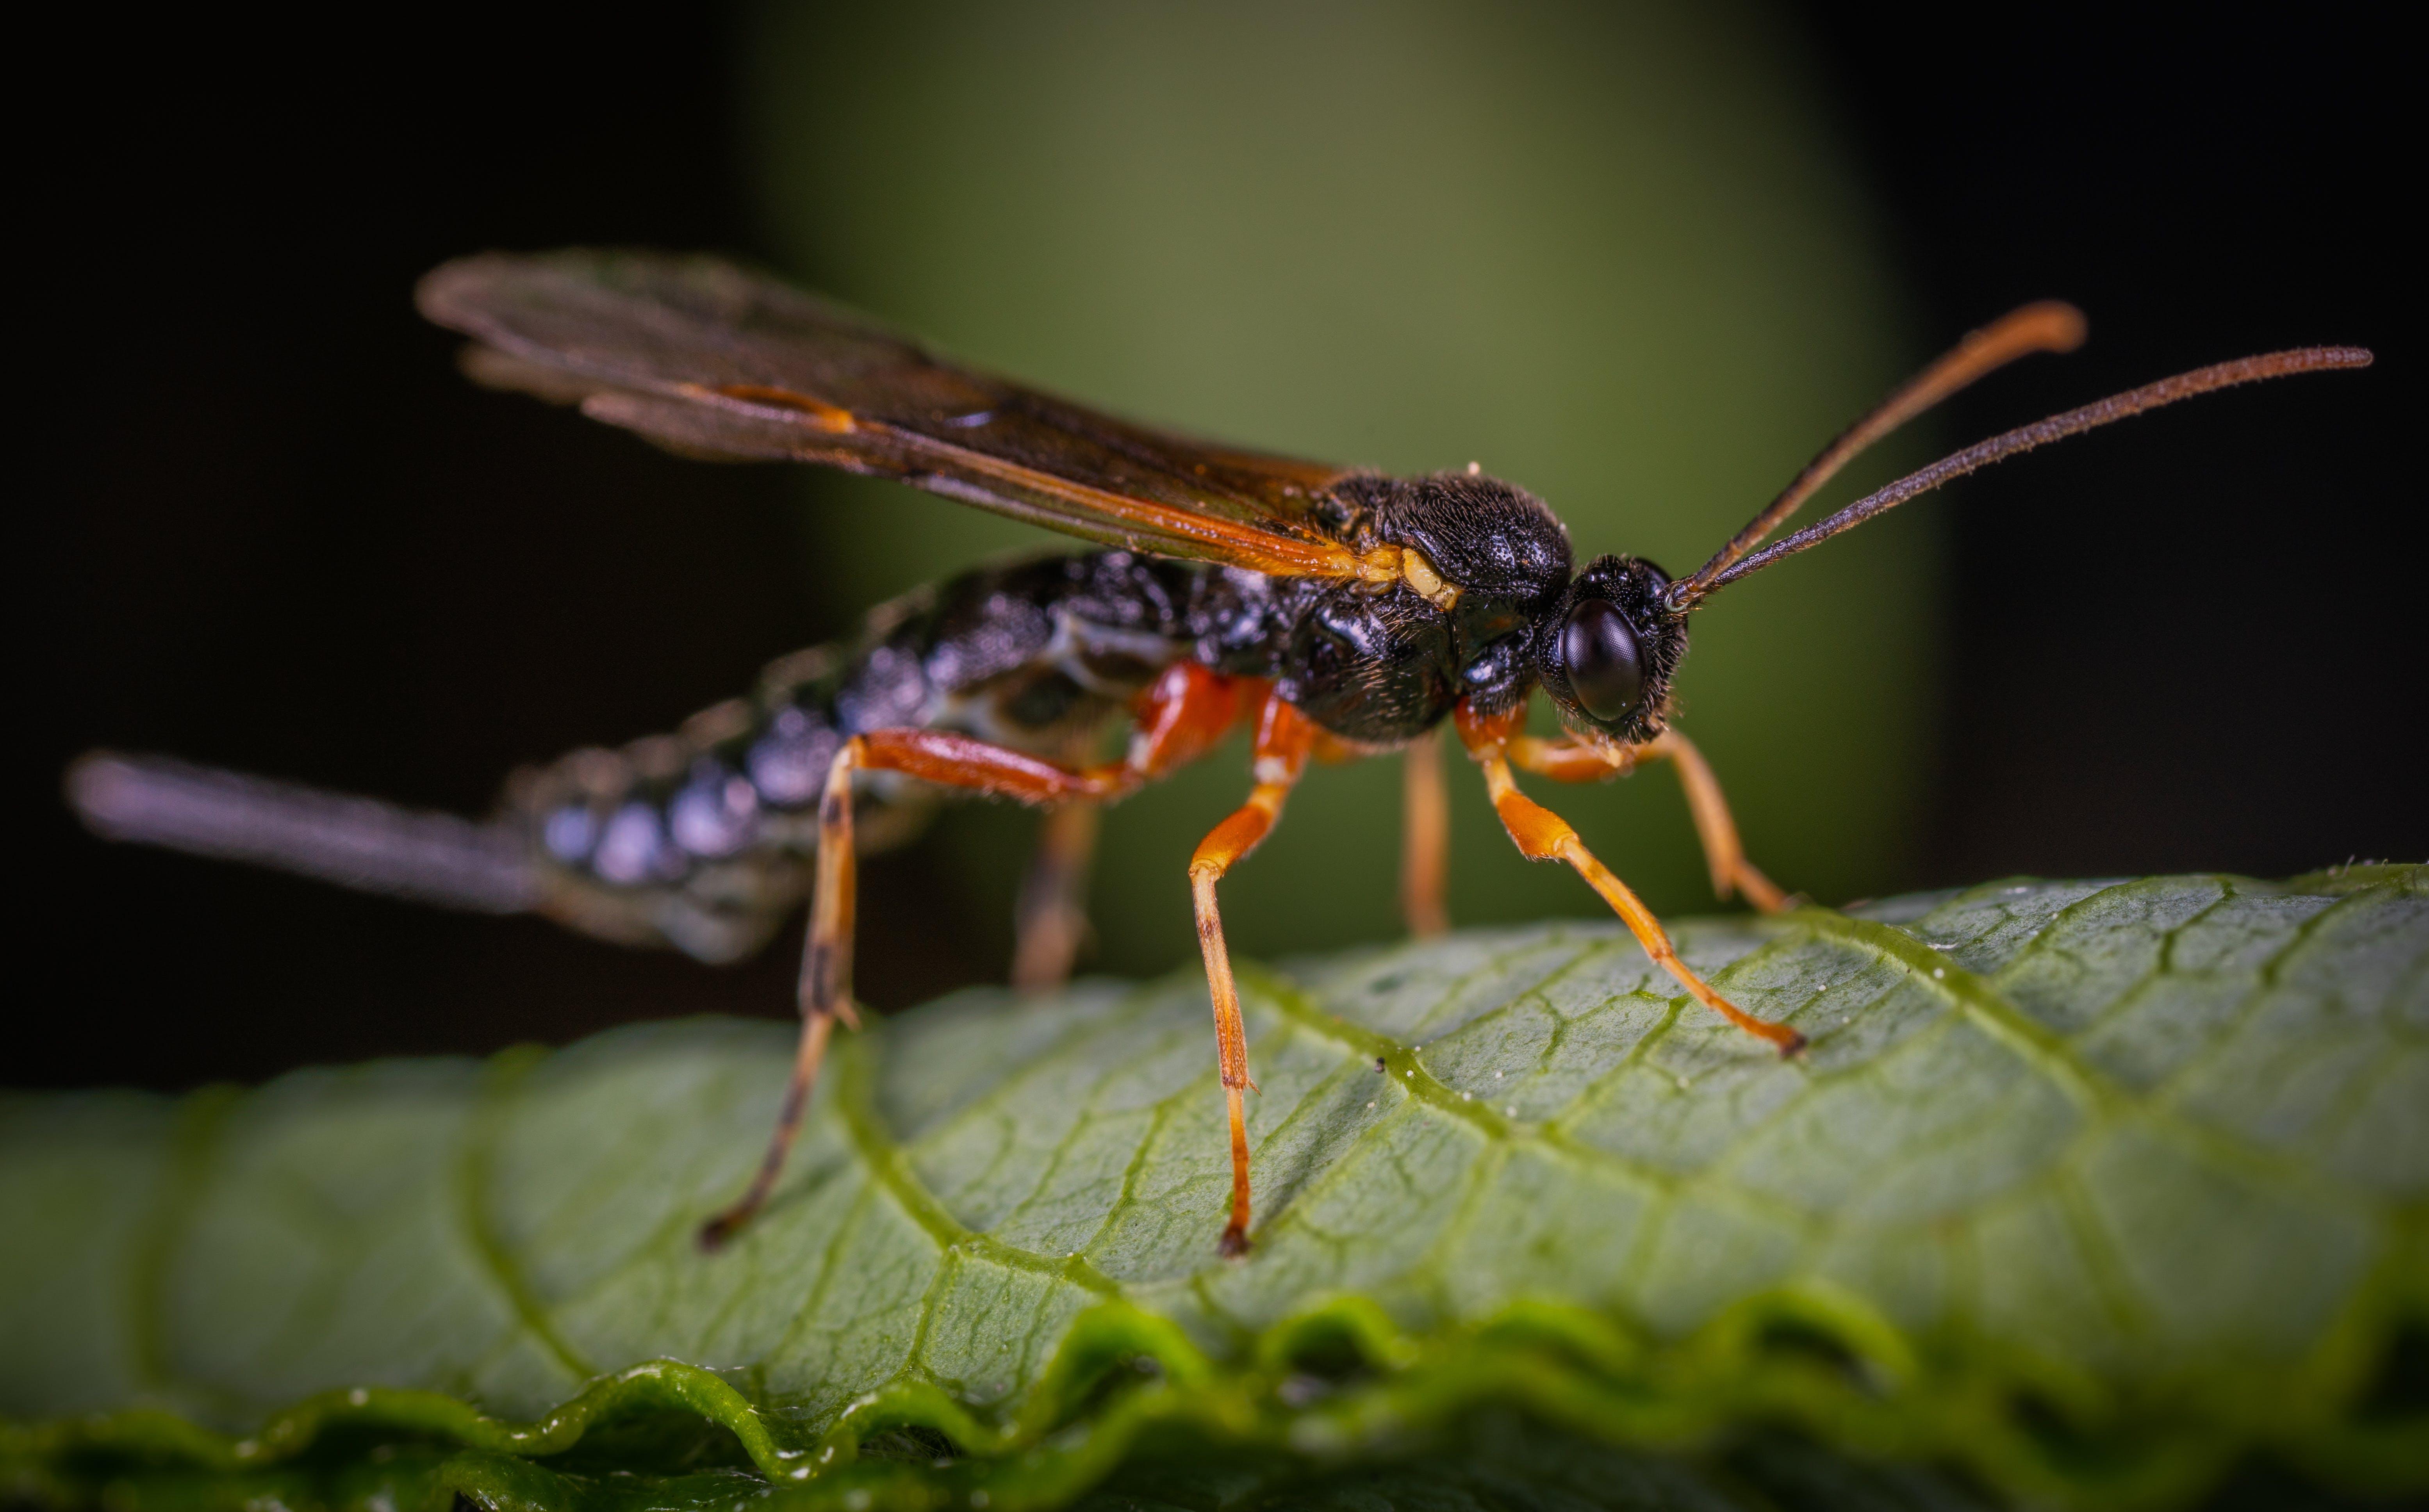 arı, böcek, böcekbilim